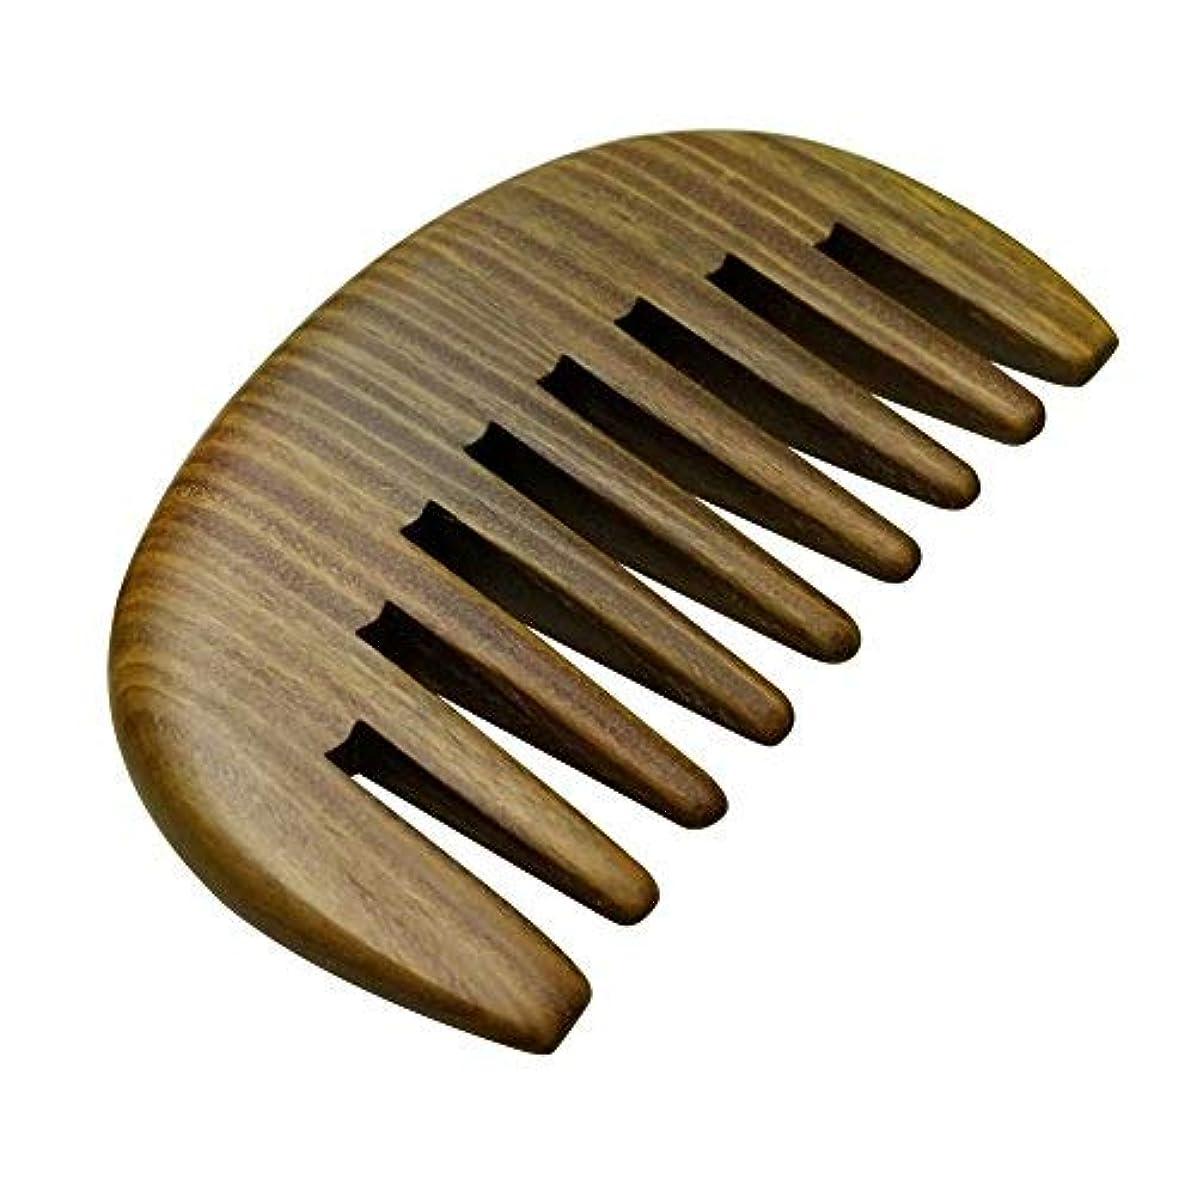 バンカー戦略道に迷いましたHair Comb Wooden Wide Tooth Detangling Comb for Curly Hair Anti-Static Wood Combs Handmade Natural Sandalwood...